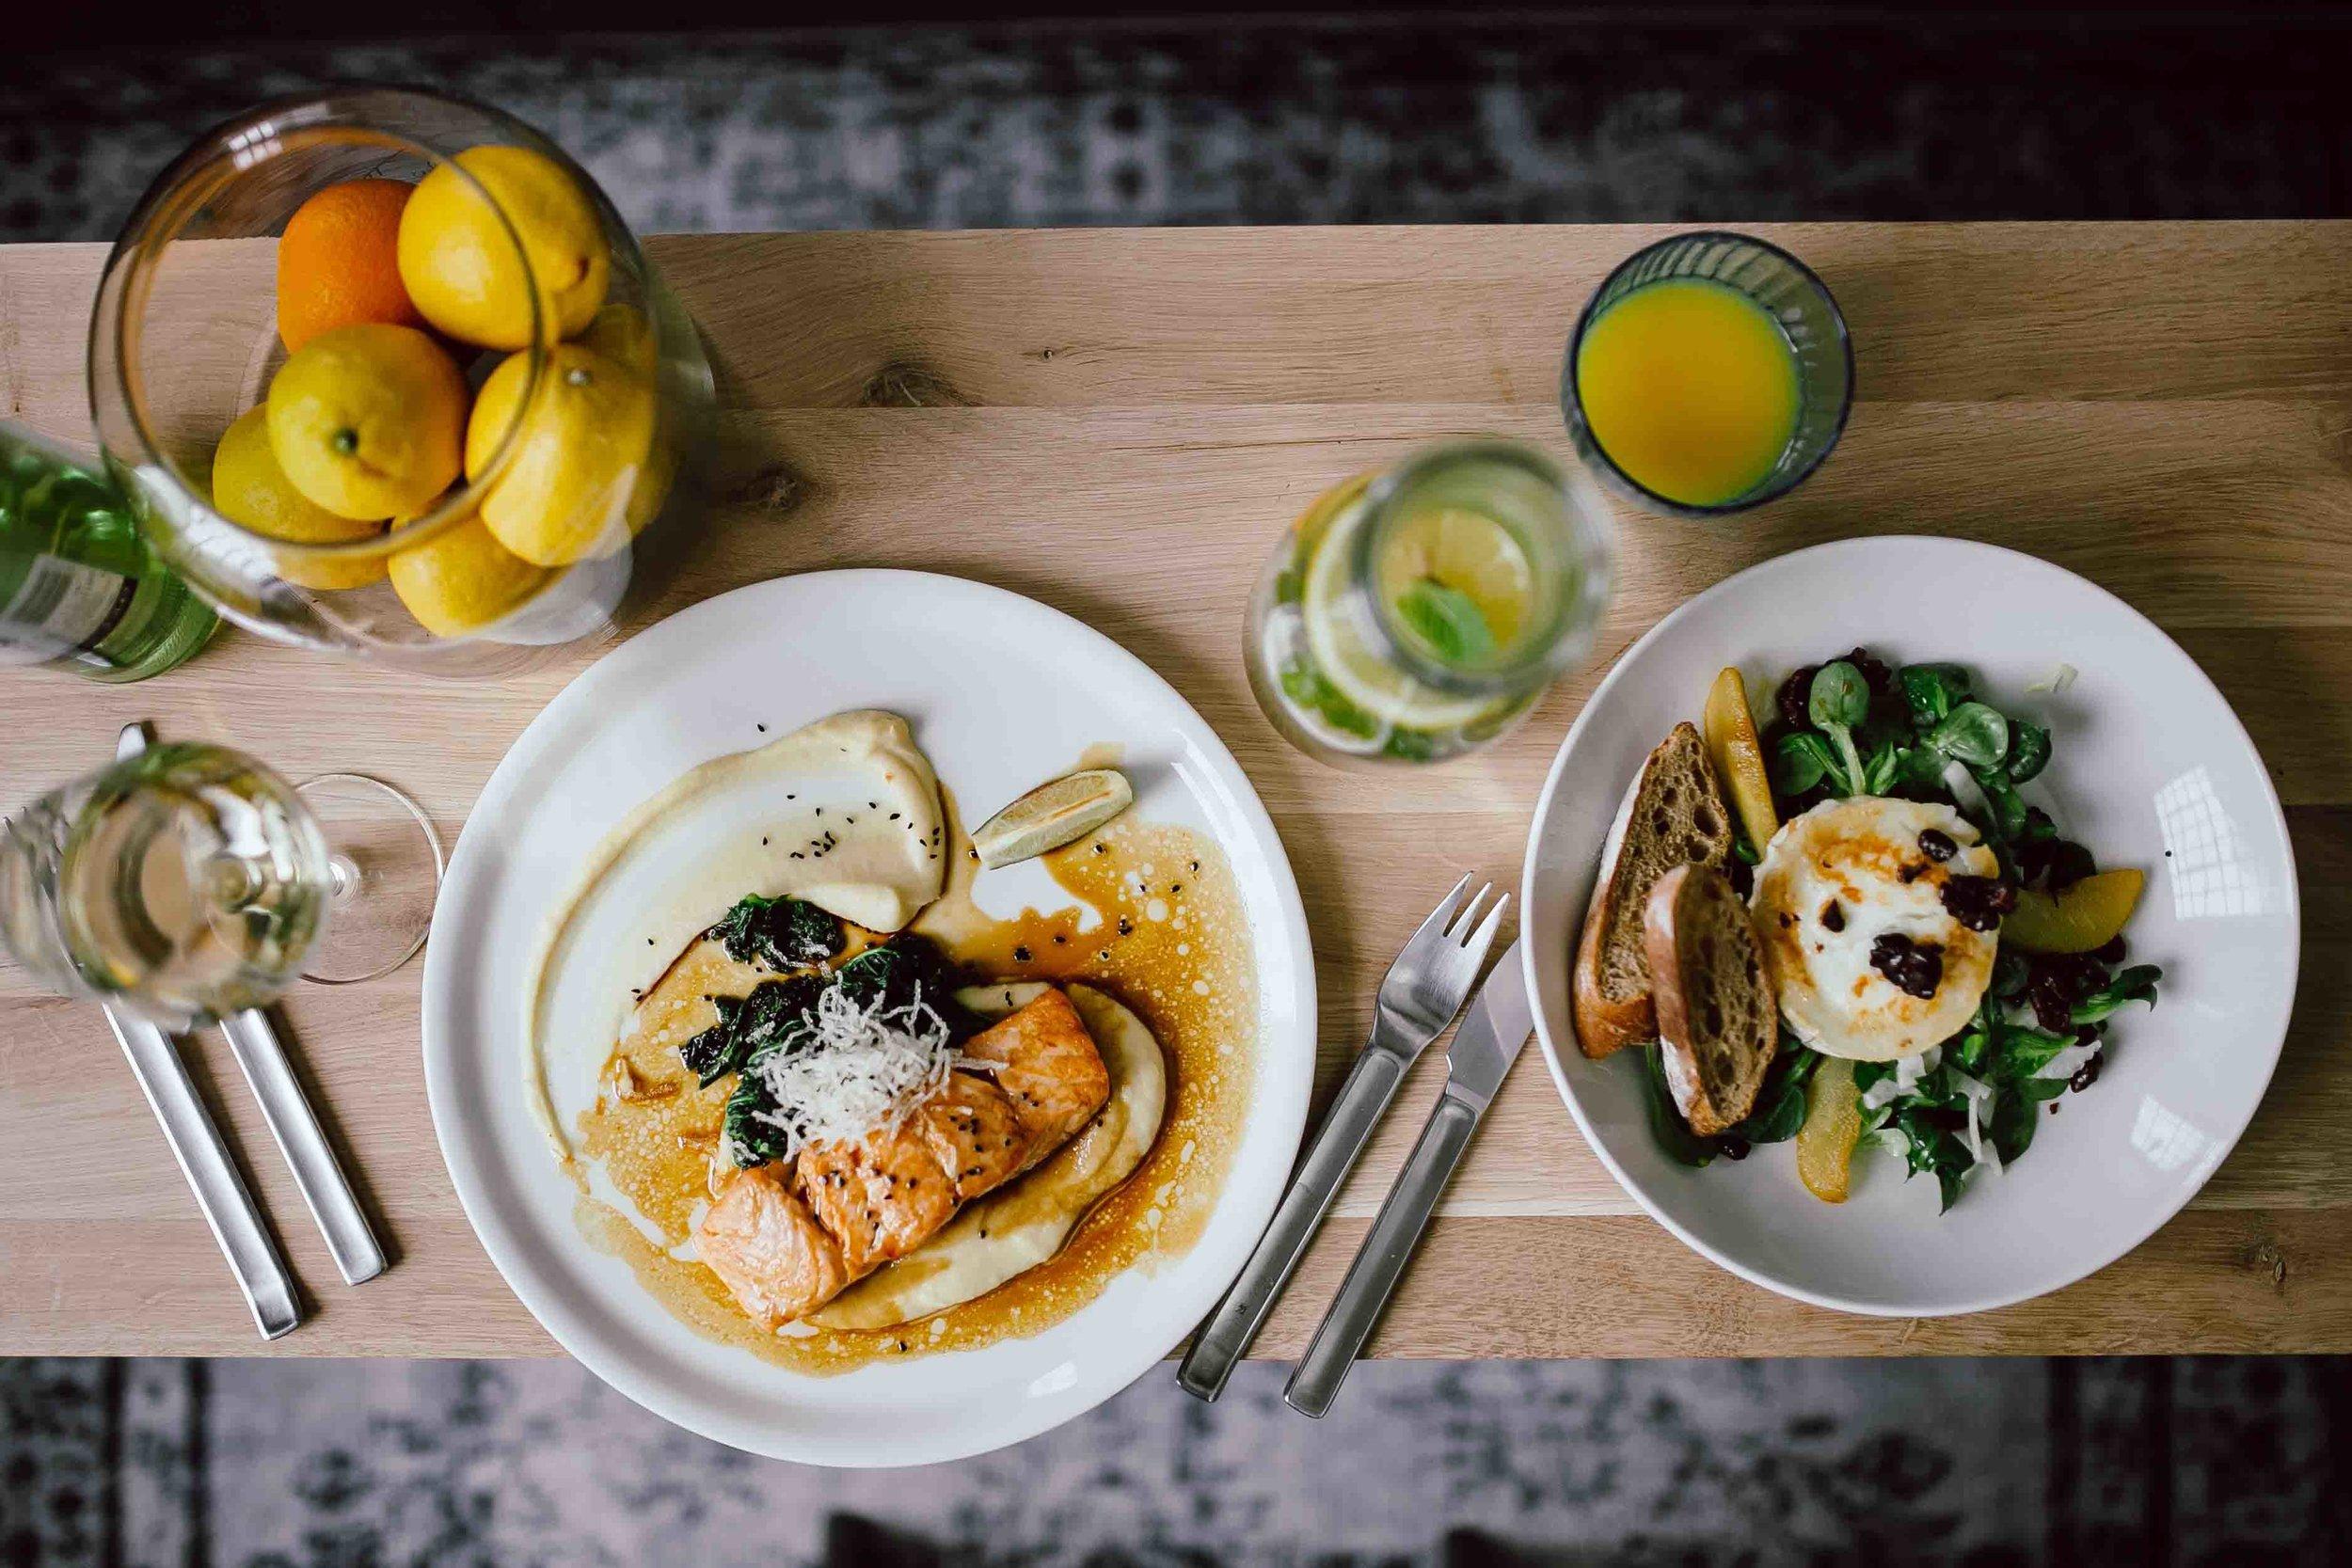 kaboompics_Healthy Dinner.jpg